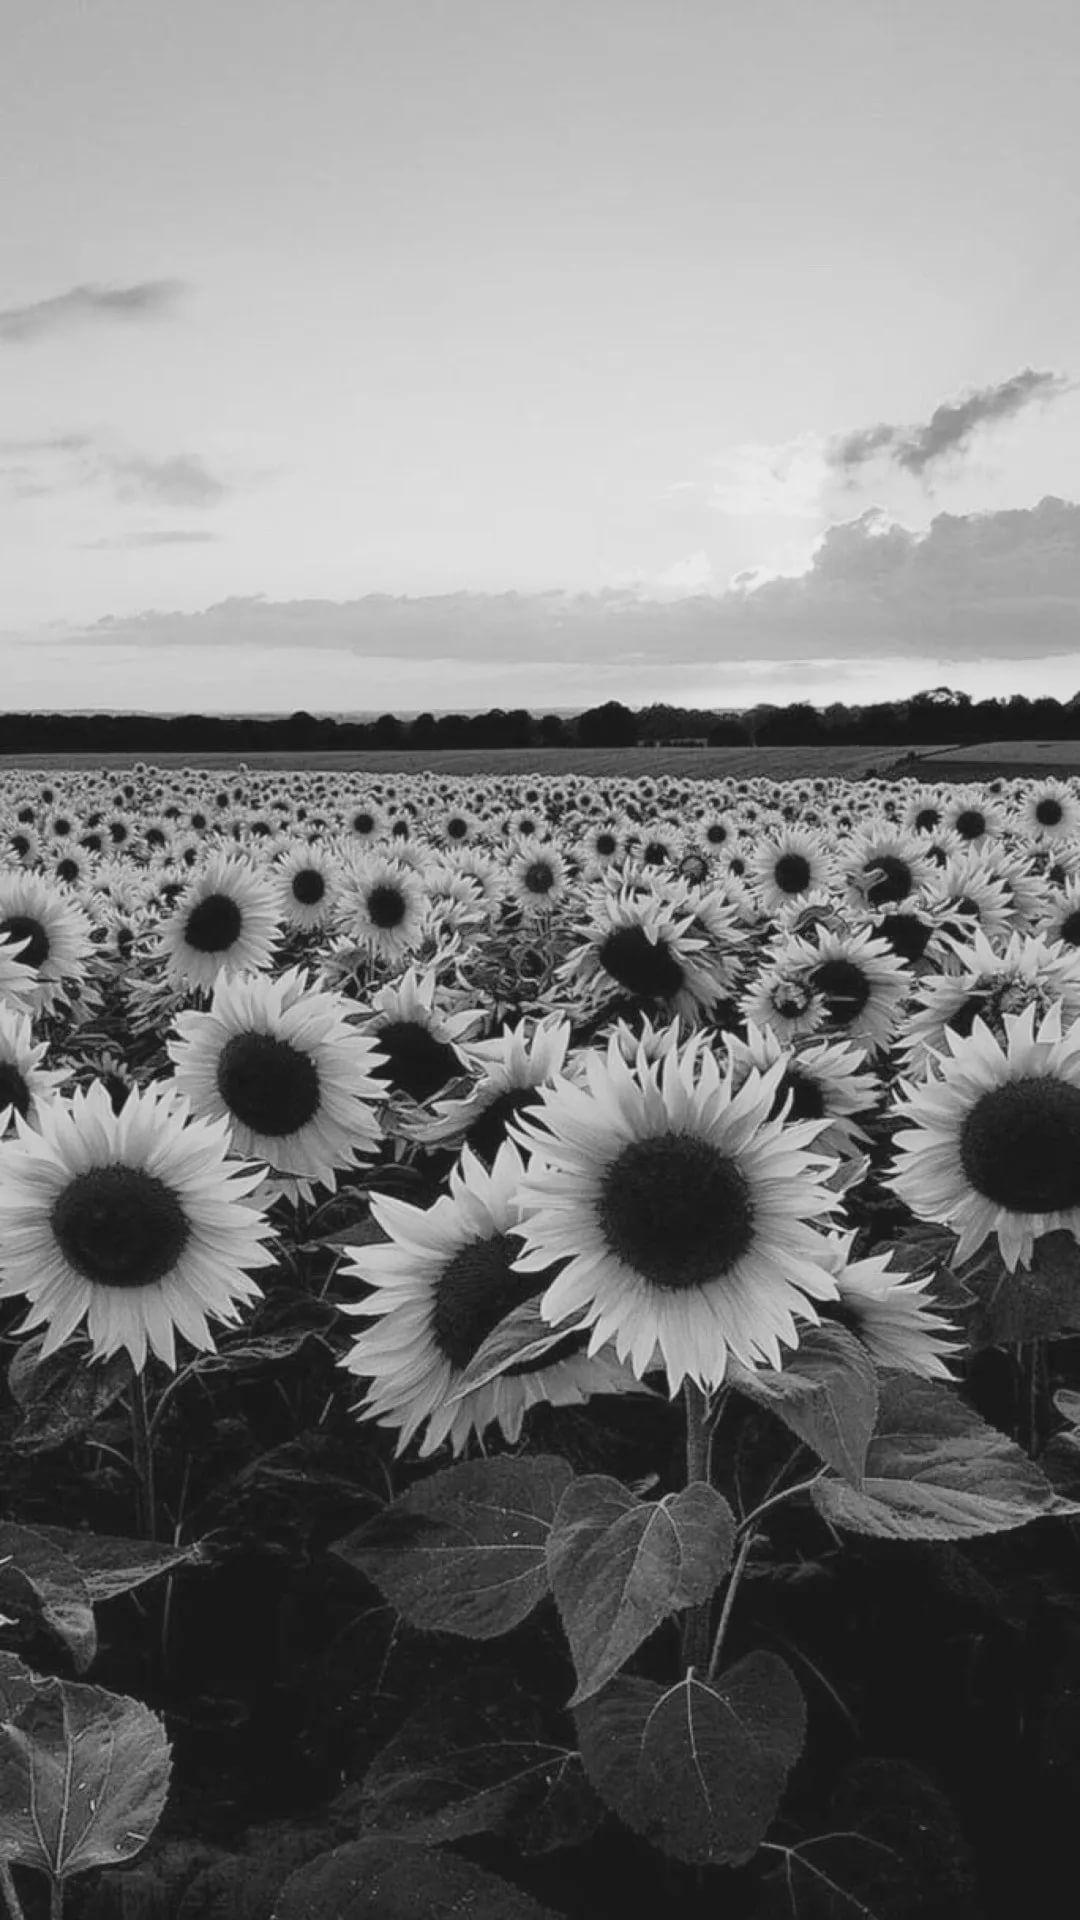 Black And White Flower lock screen wallpaper